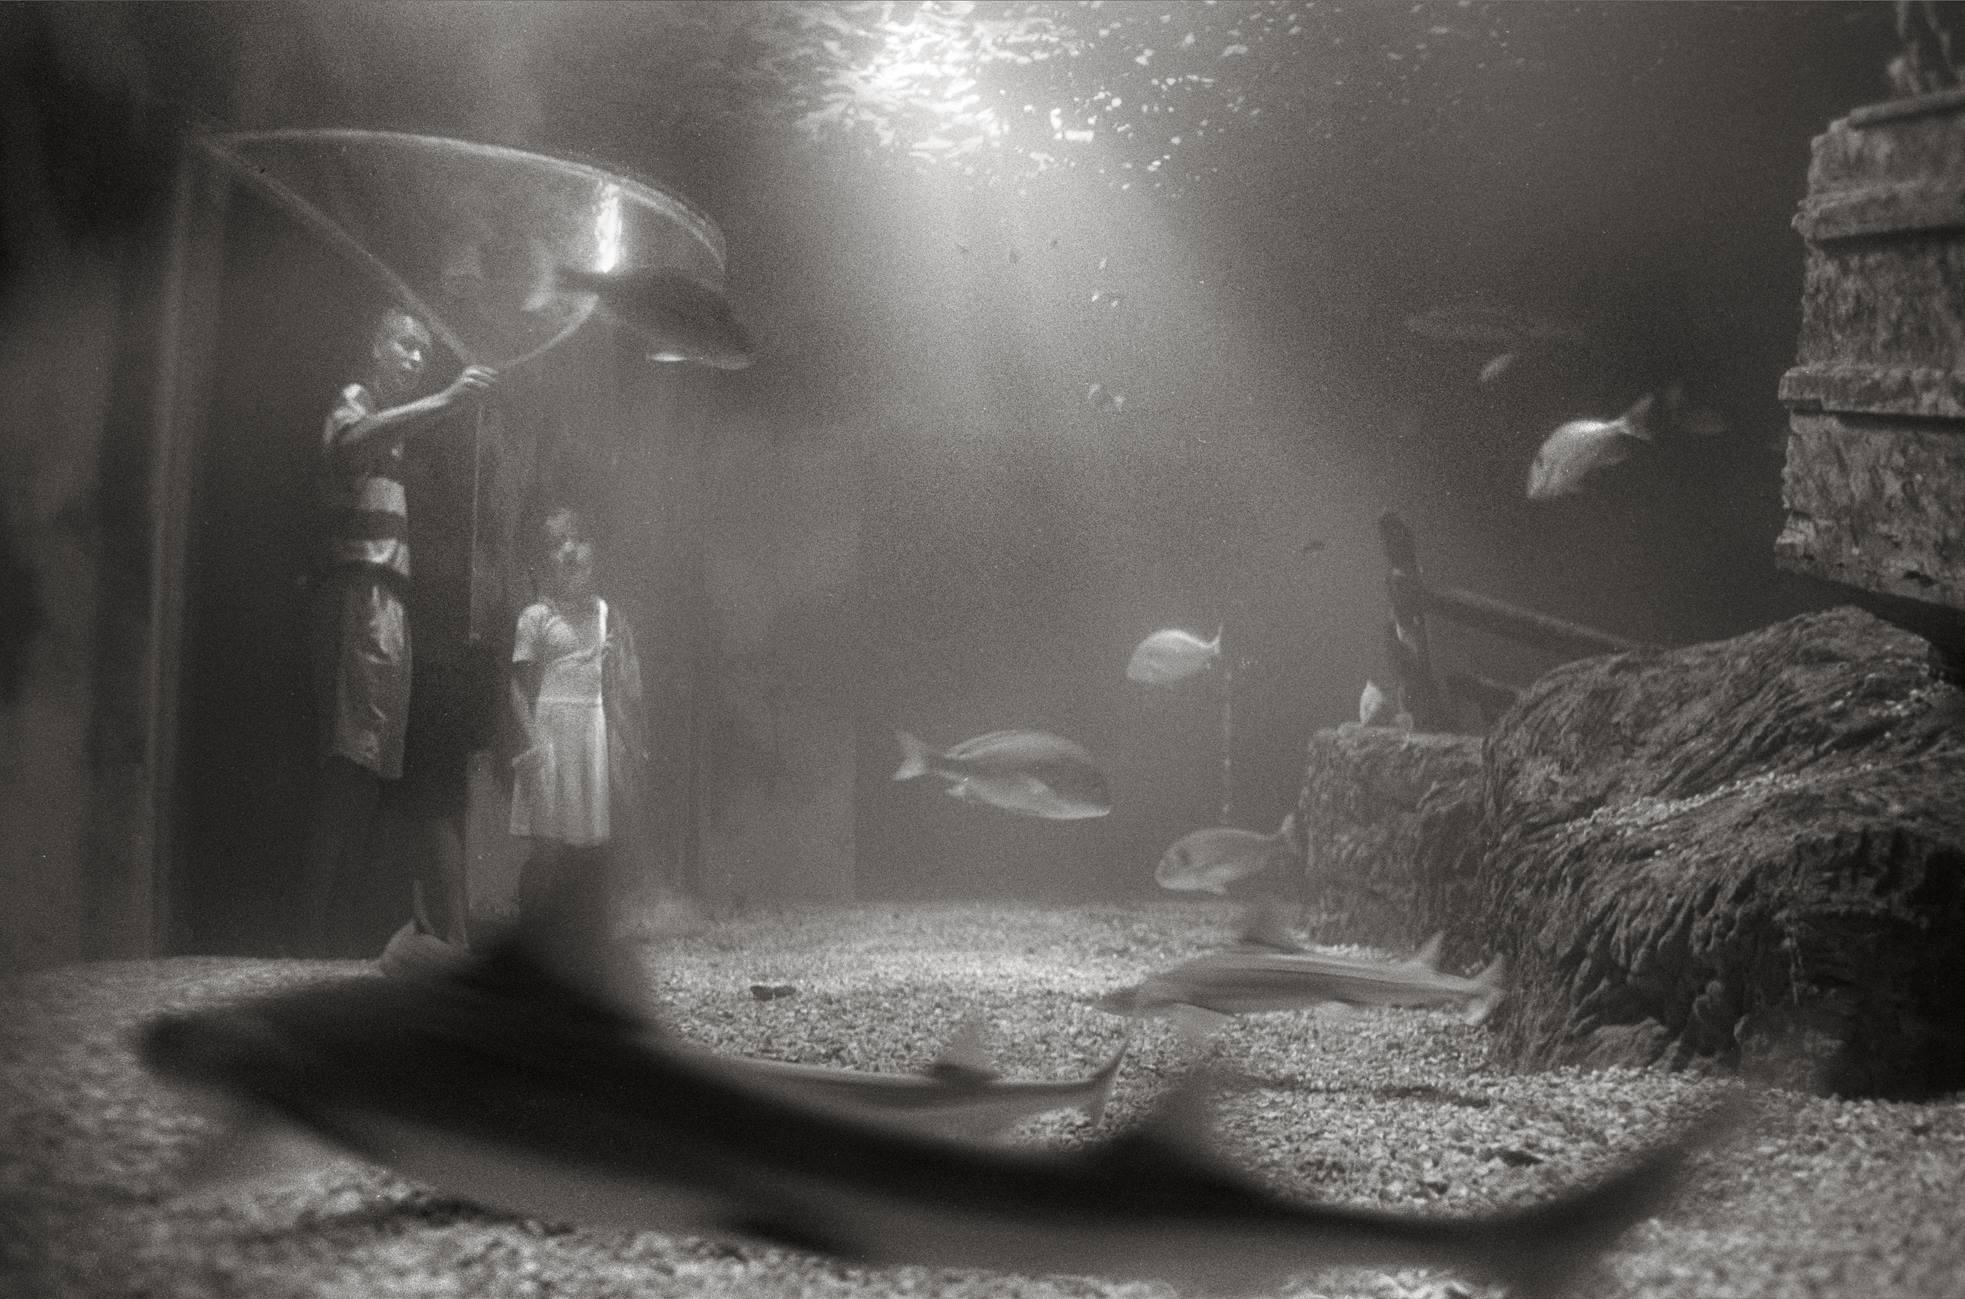 Benalmádena, 1996<br/>Gelatina de plata / Silver Gelatin.